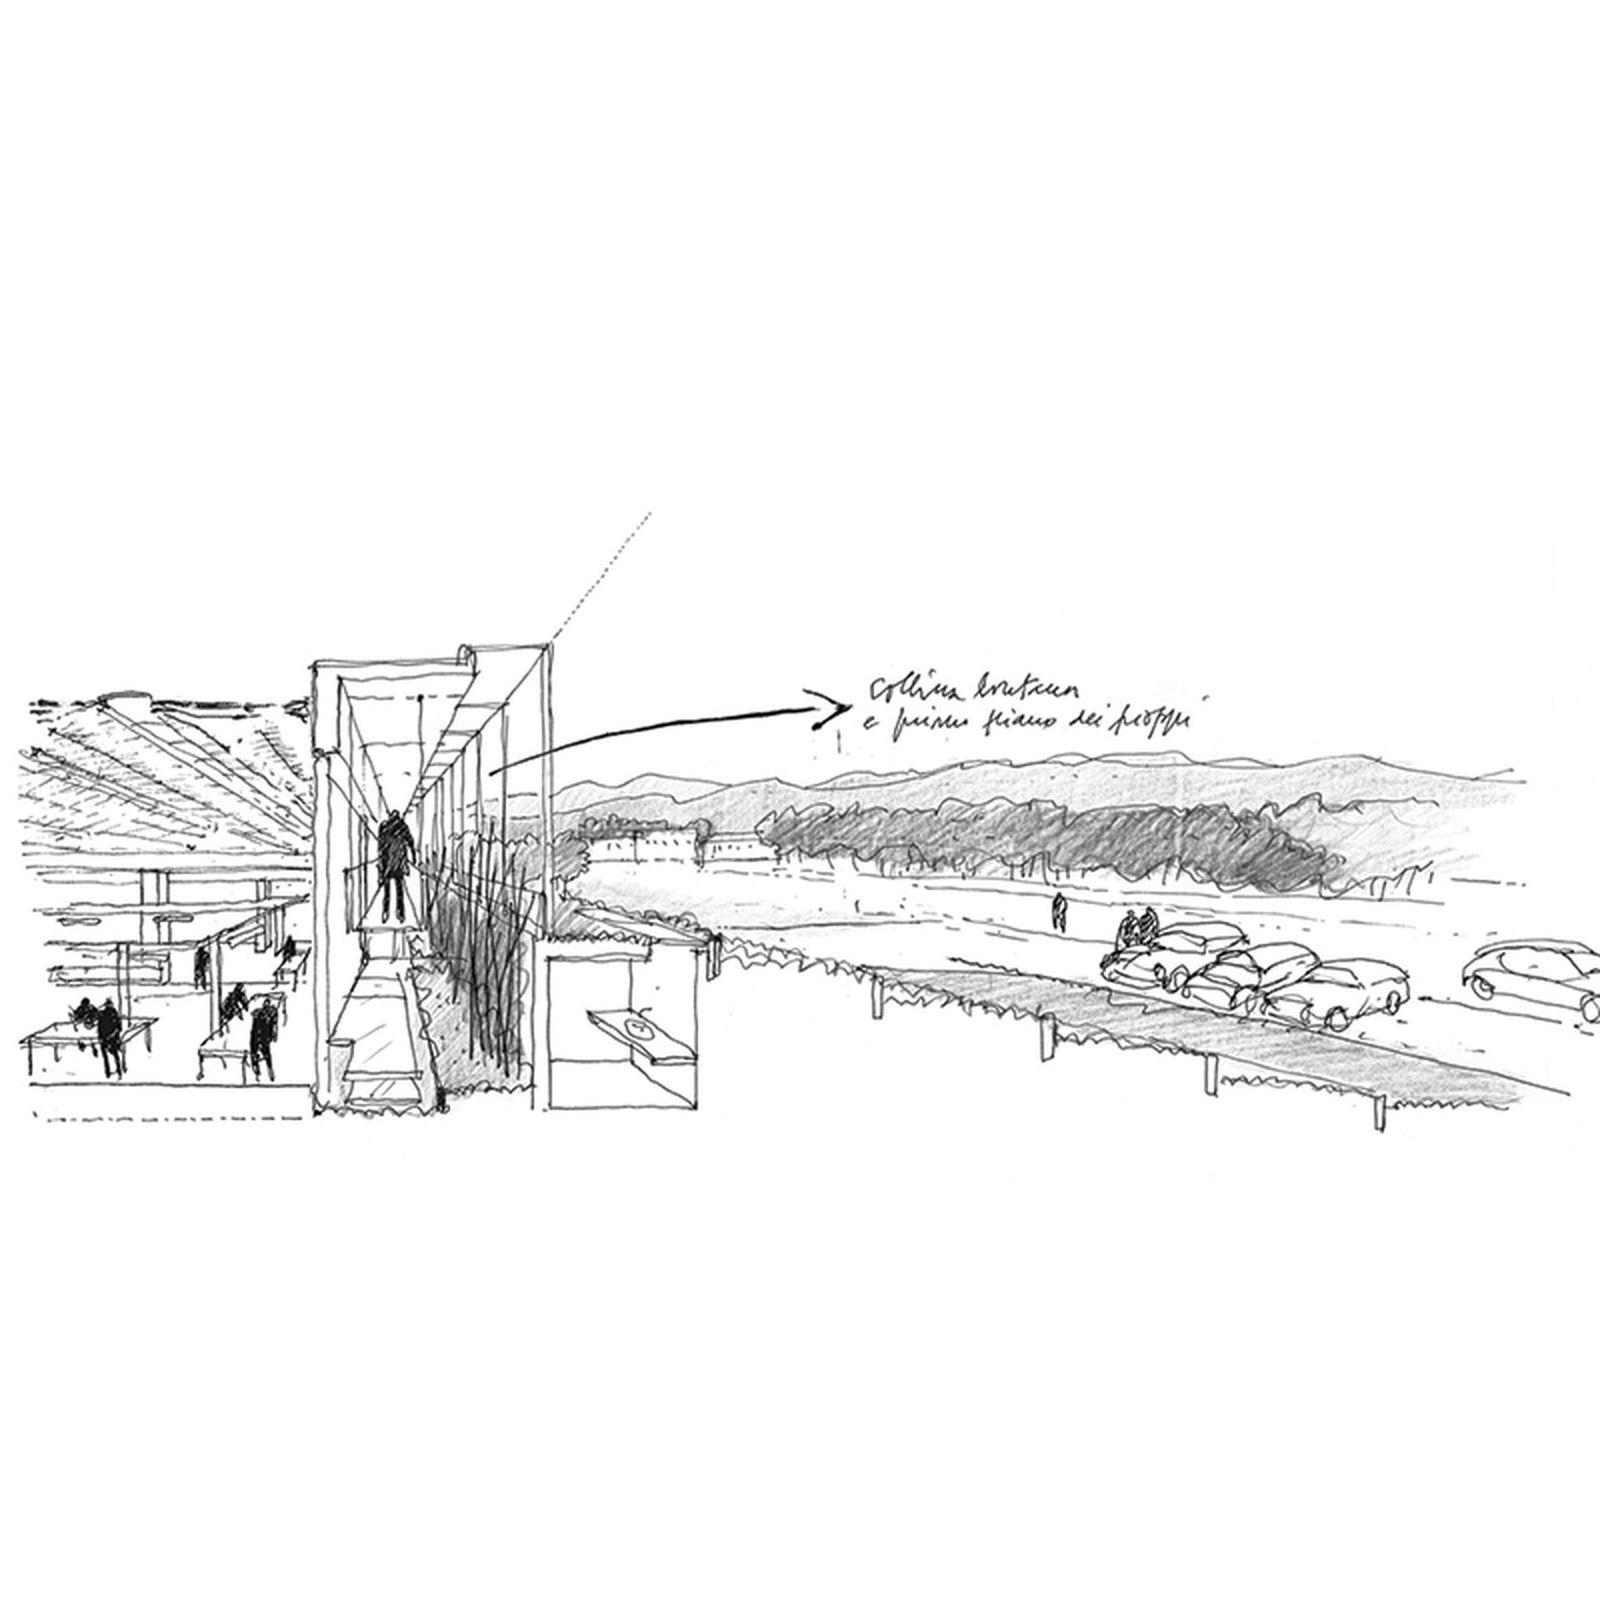 prada-hq-garden-factory-valvigna-03